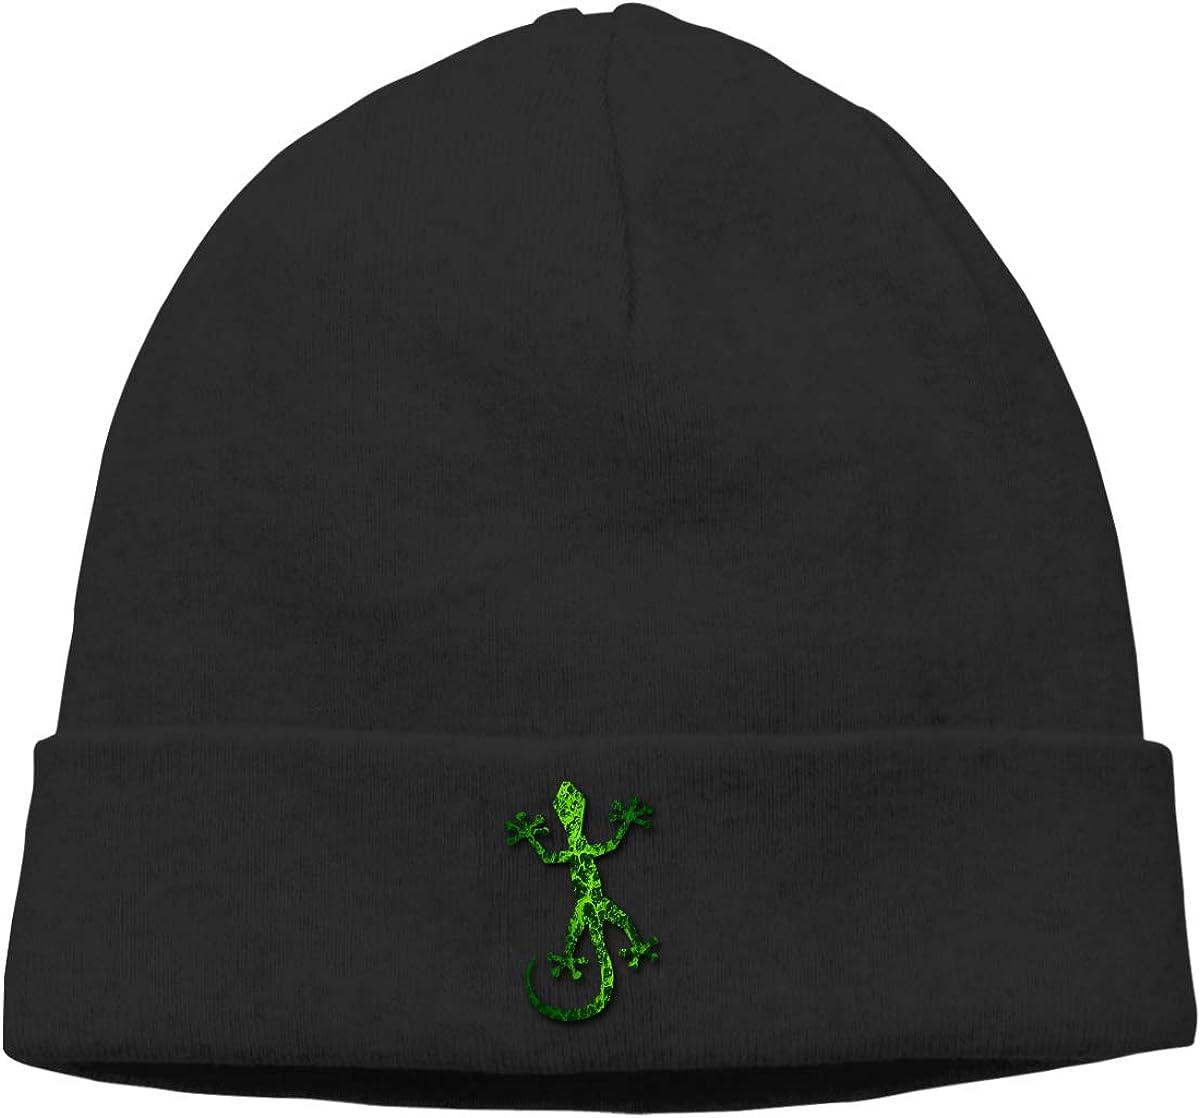 Riokk az Green Gecko Skull Caps Beanie Hat for Mens